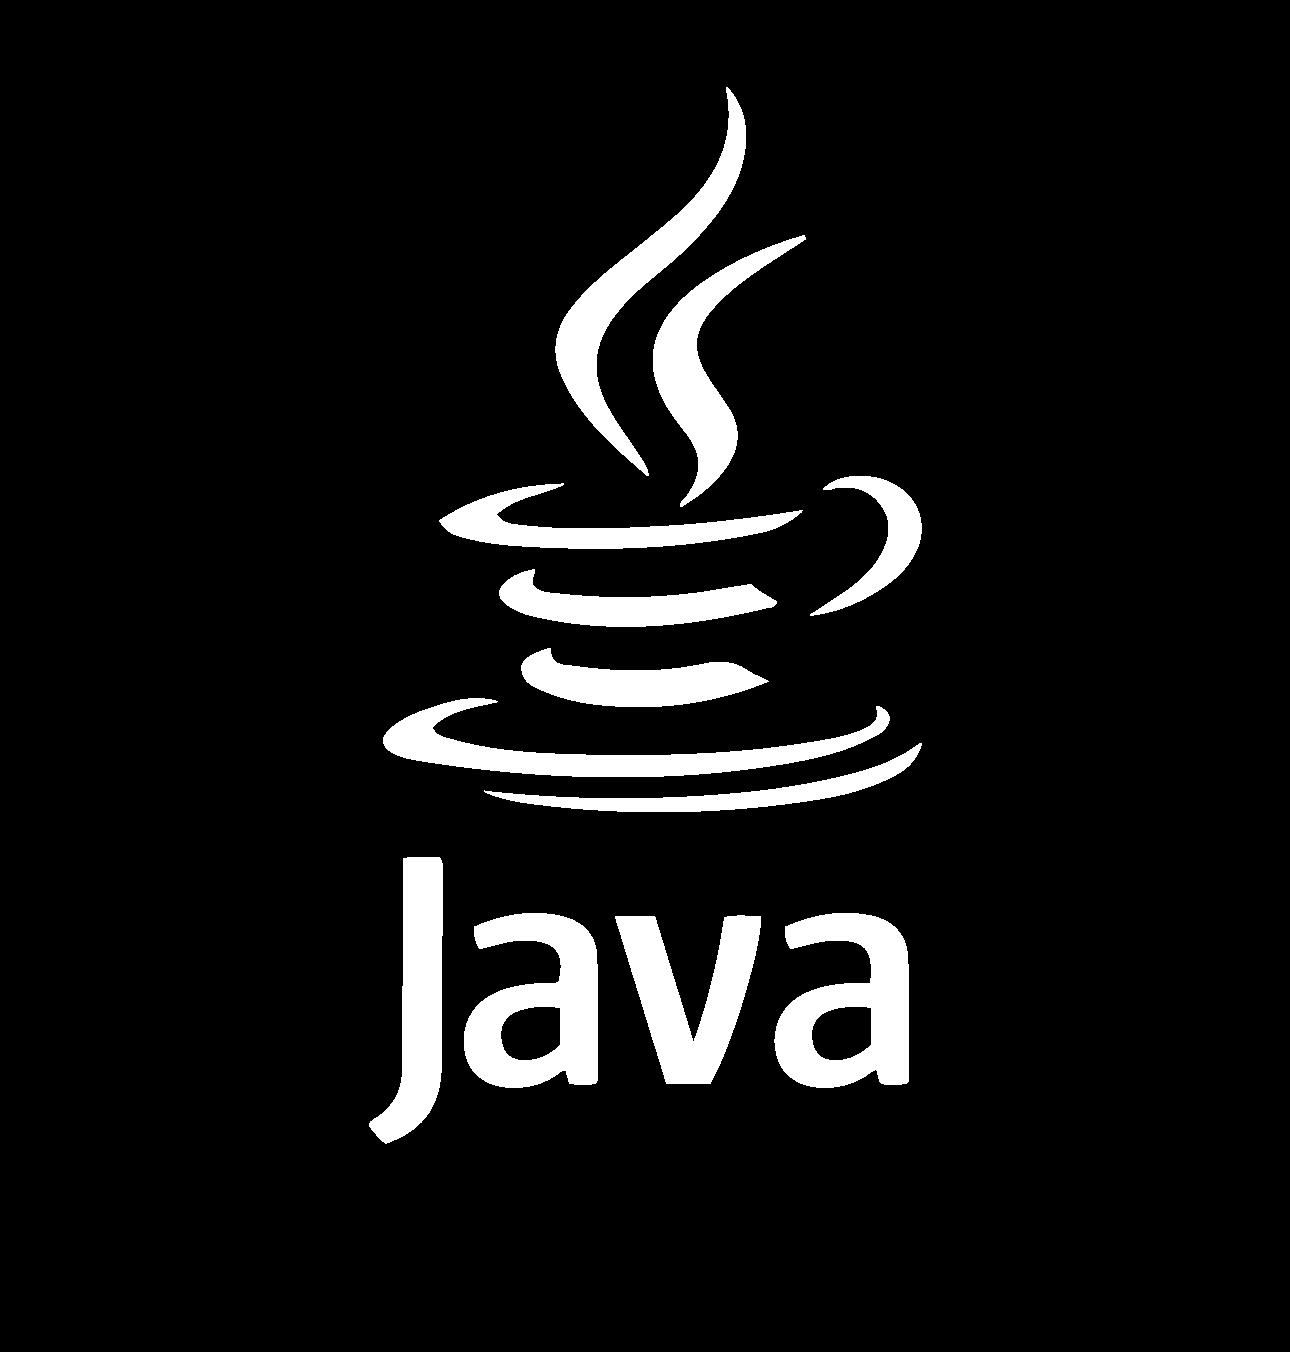 03_Java logo